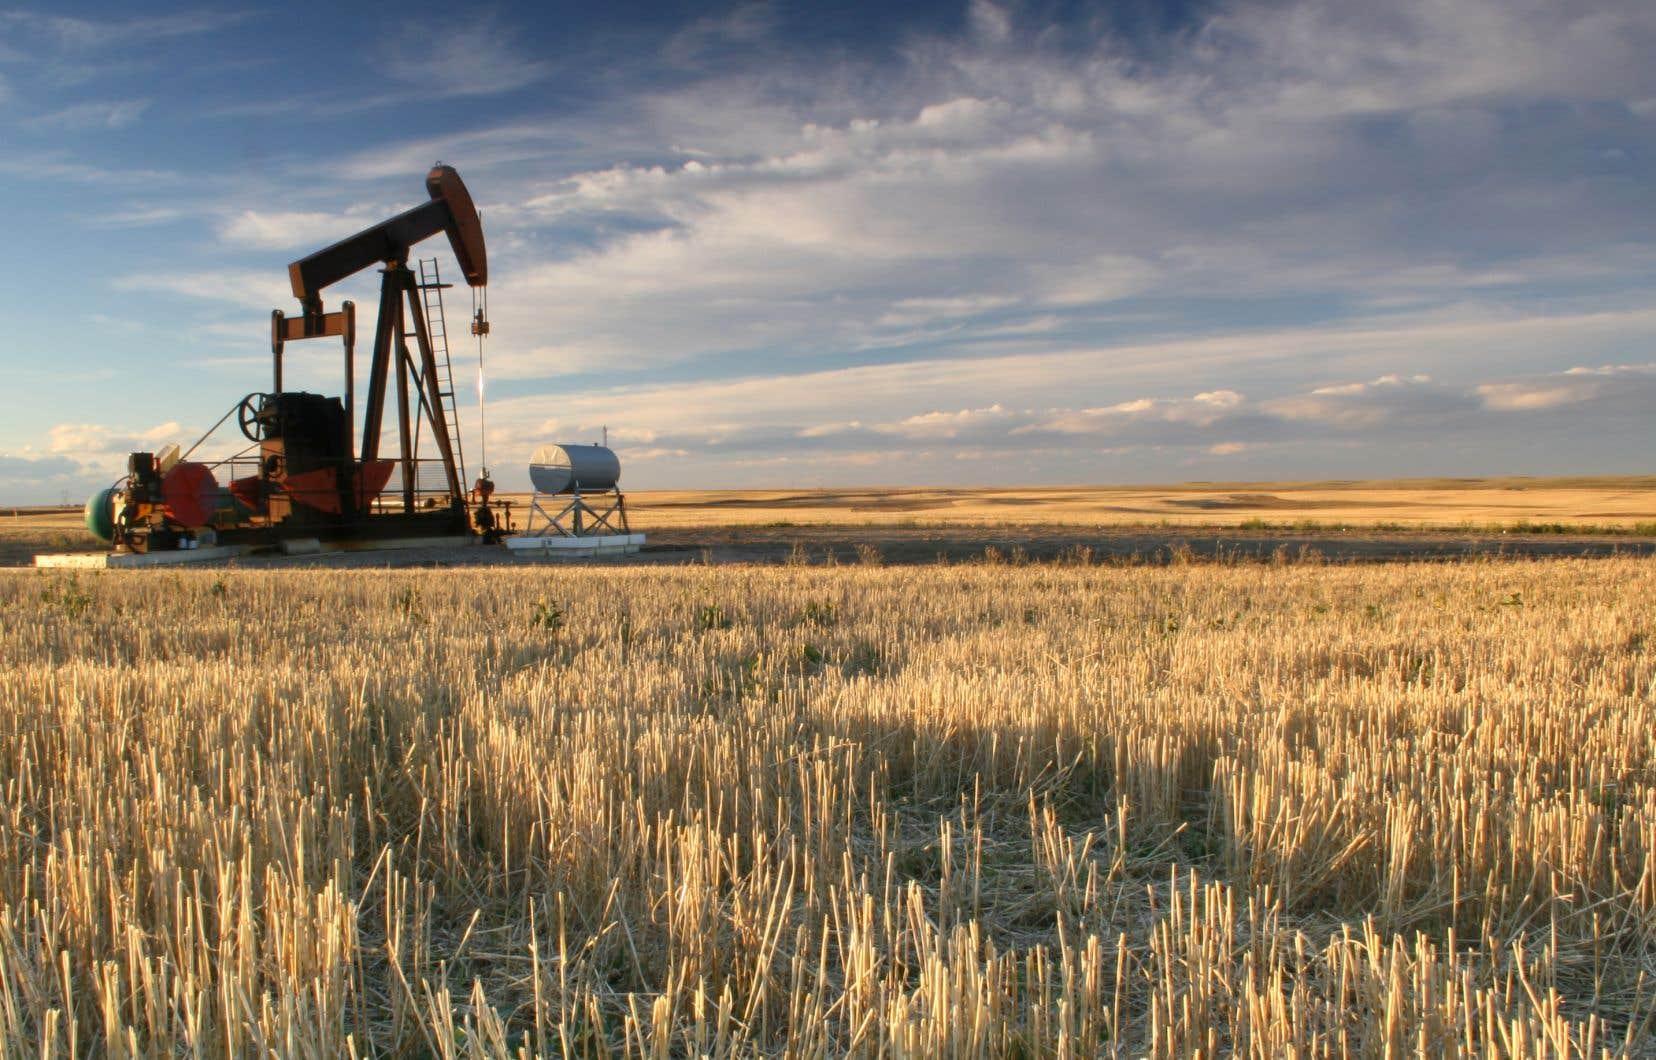 Contrairement à la croyance populaire, l'investissement socialement responsable n'exclut pas d'office le secteur pétrolier.